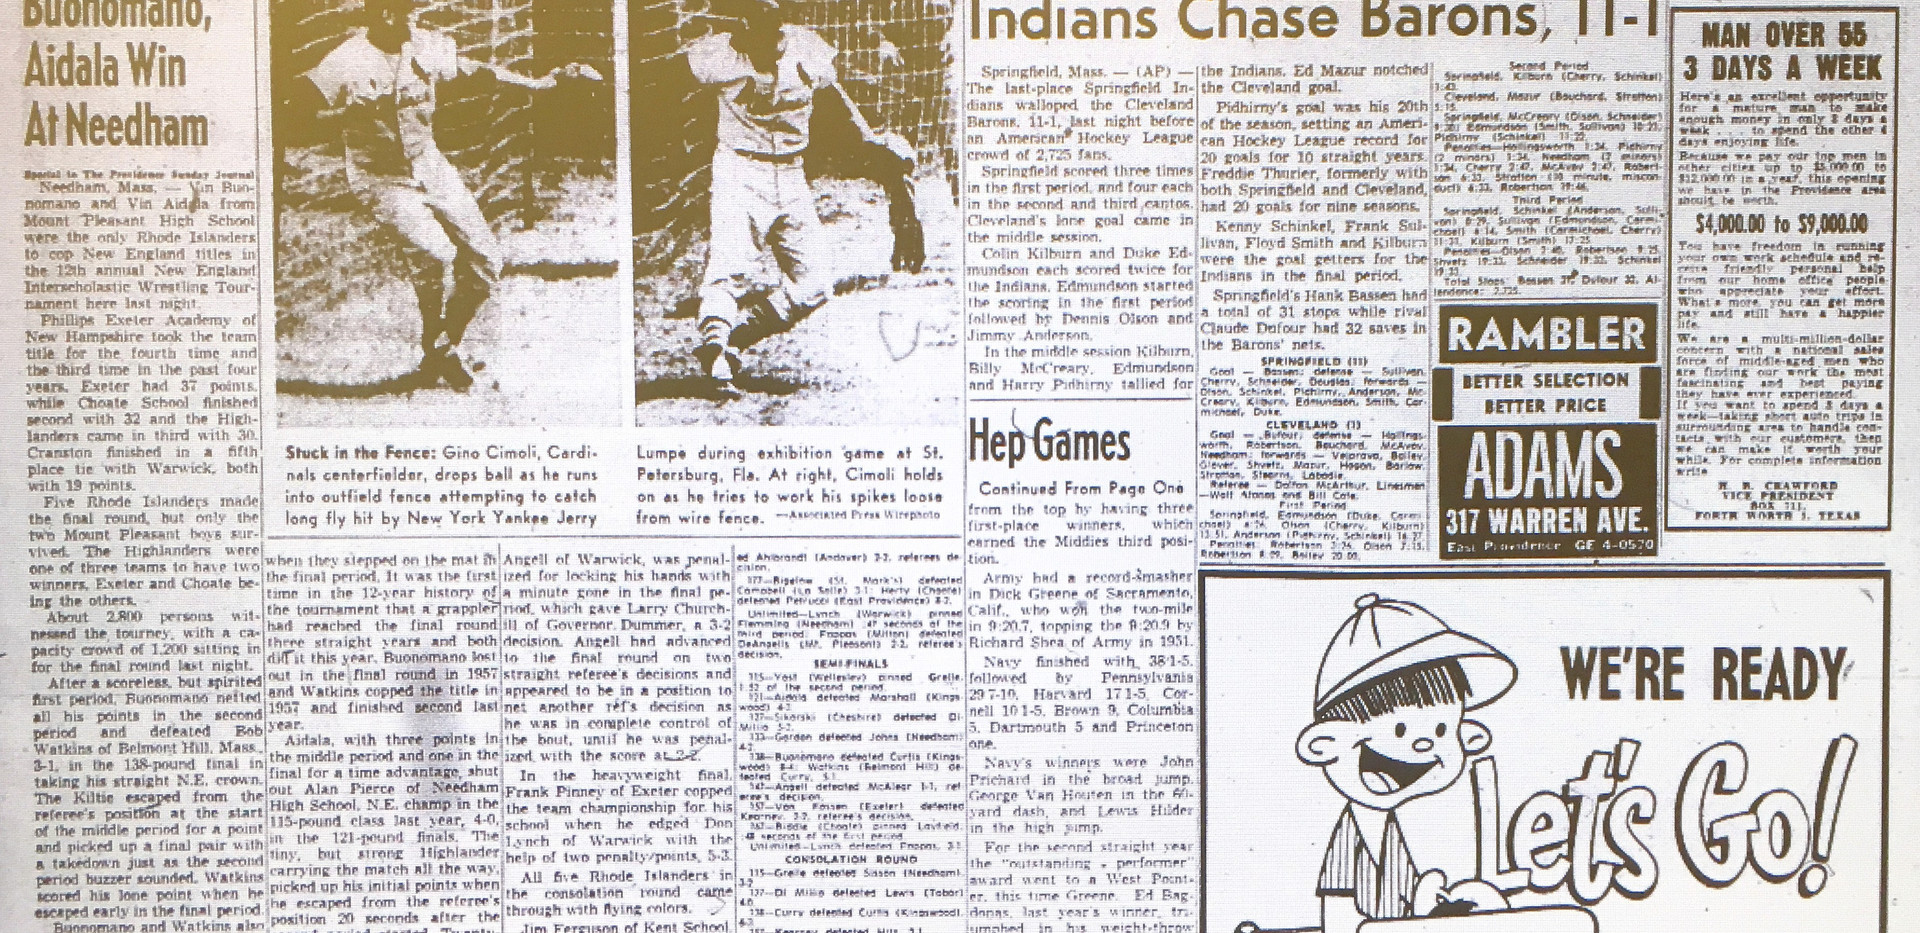 1959 New England Tournament